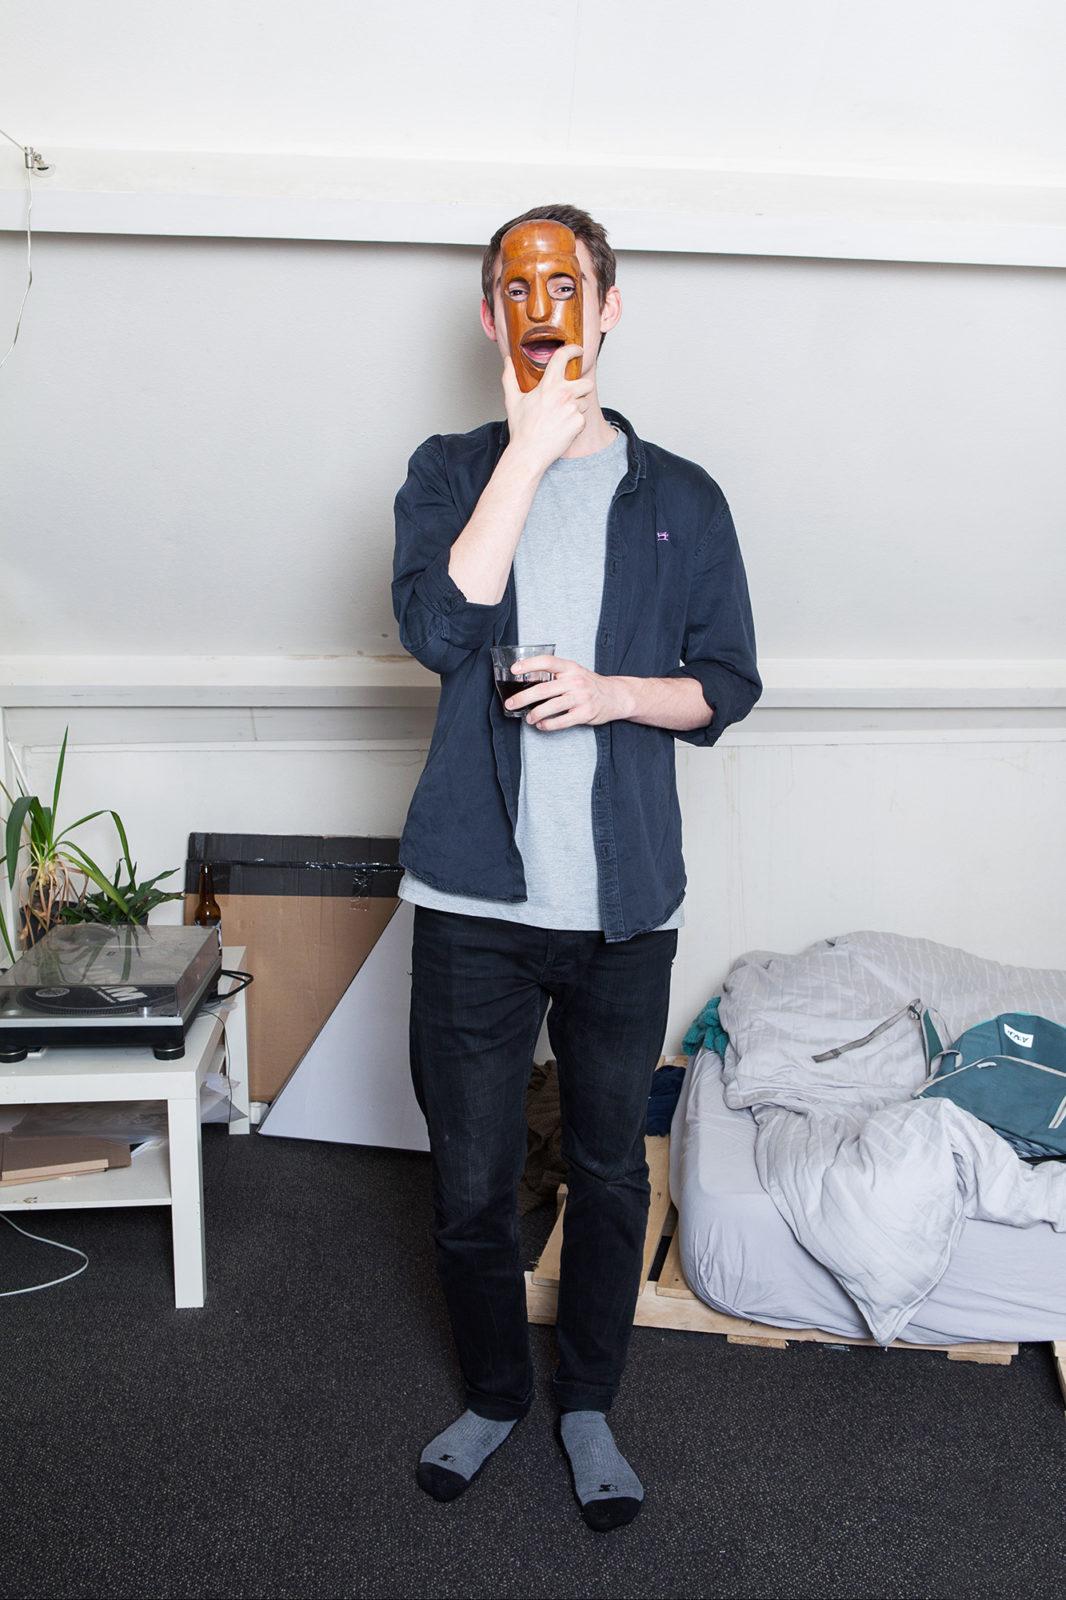 Lukas-Ries-with-mask-Geisje-van-der-Linden